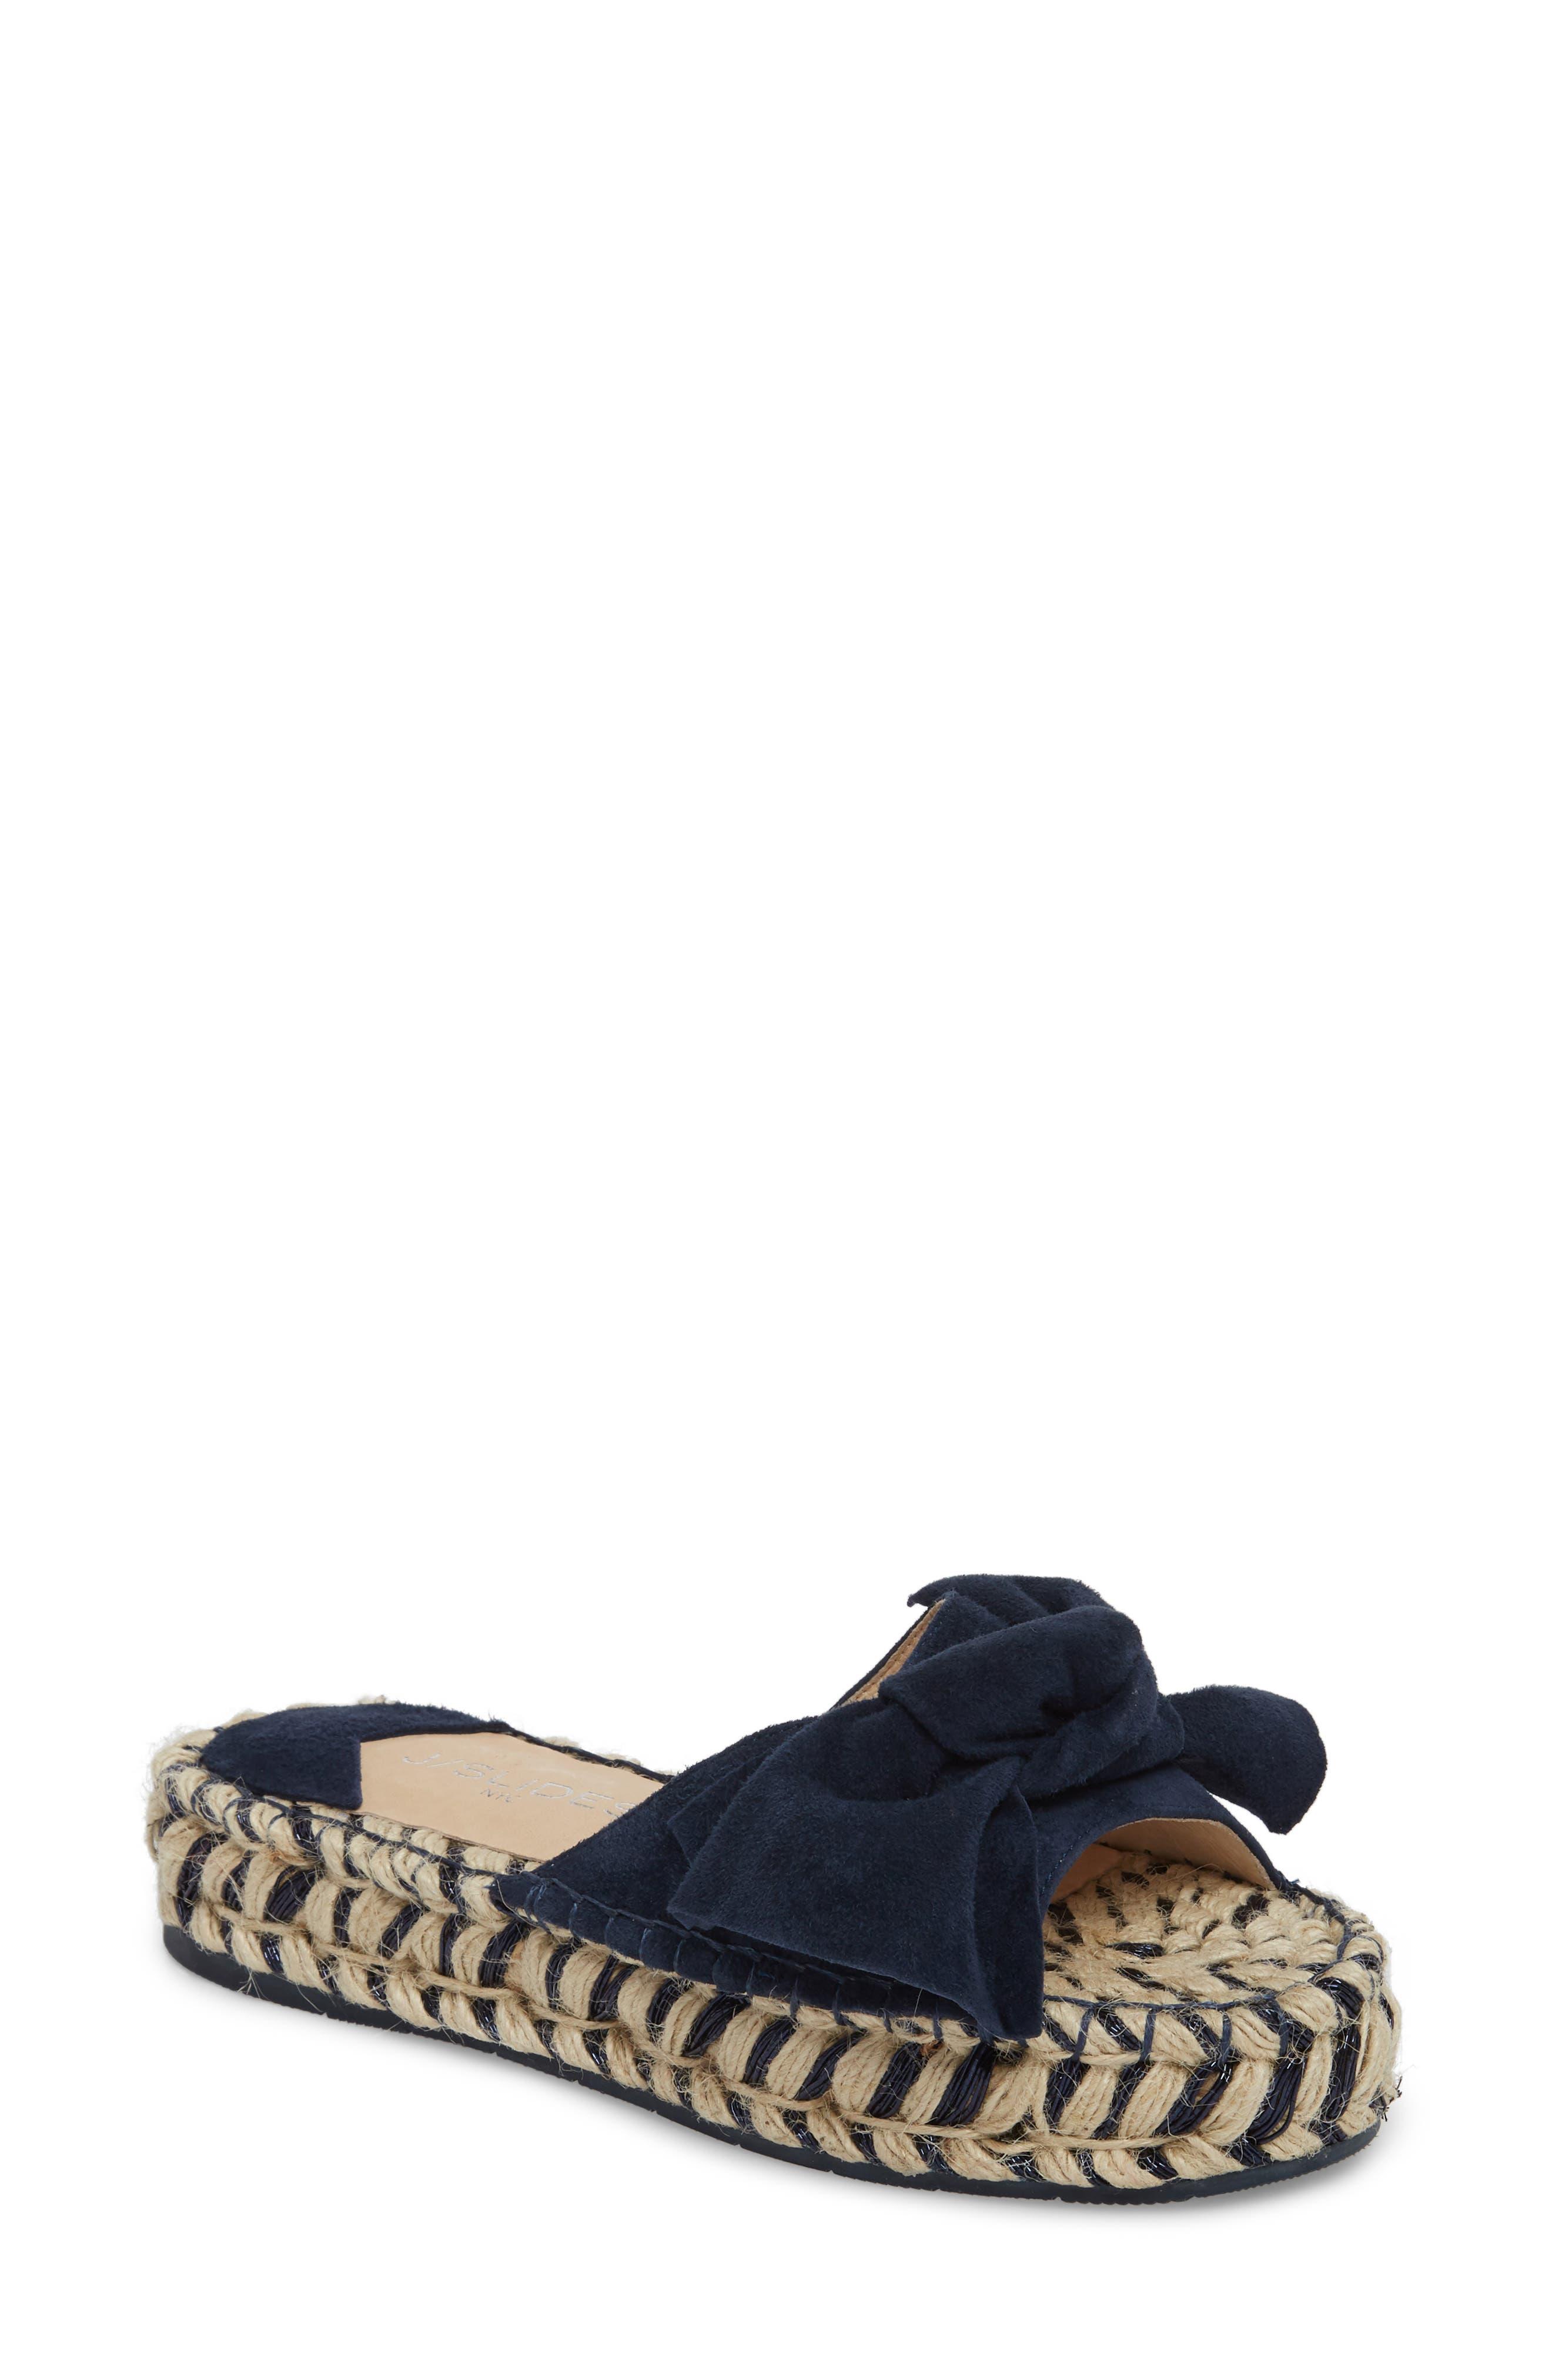 Ritsy Espadrille Slide Sandal,                         Main,                         color, NAVY SUEDE